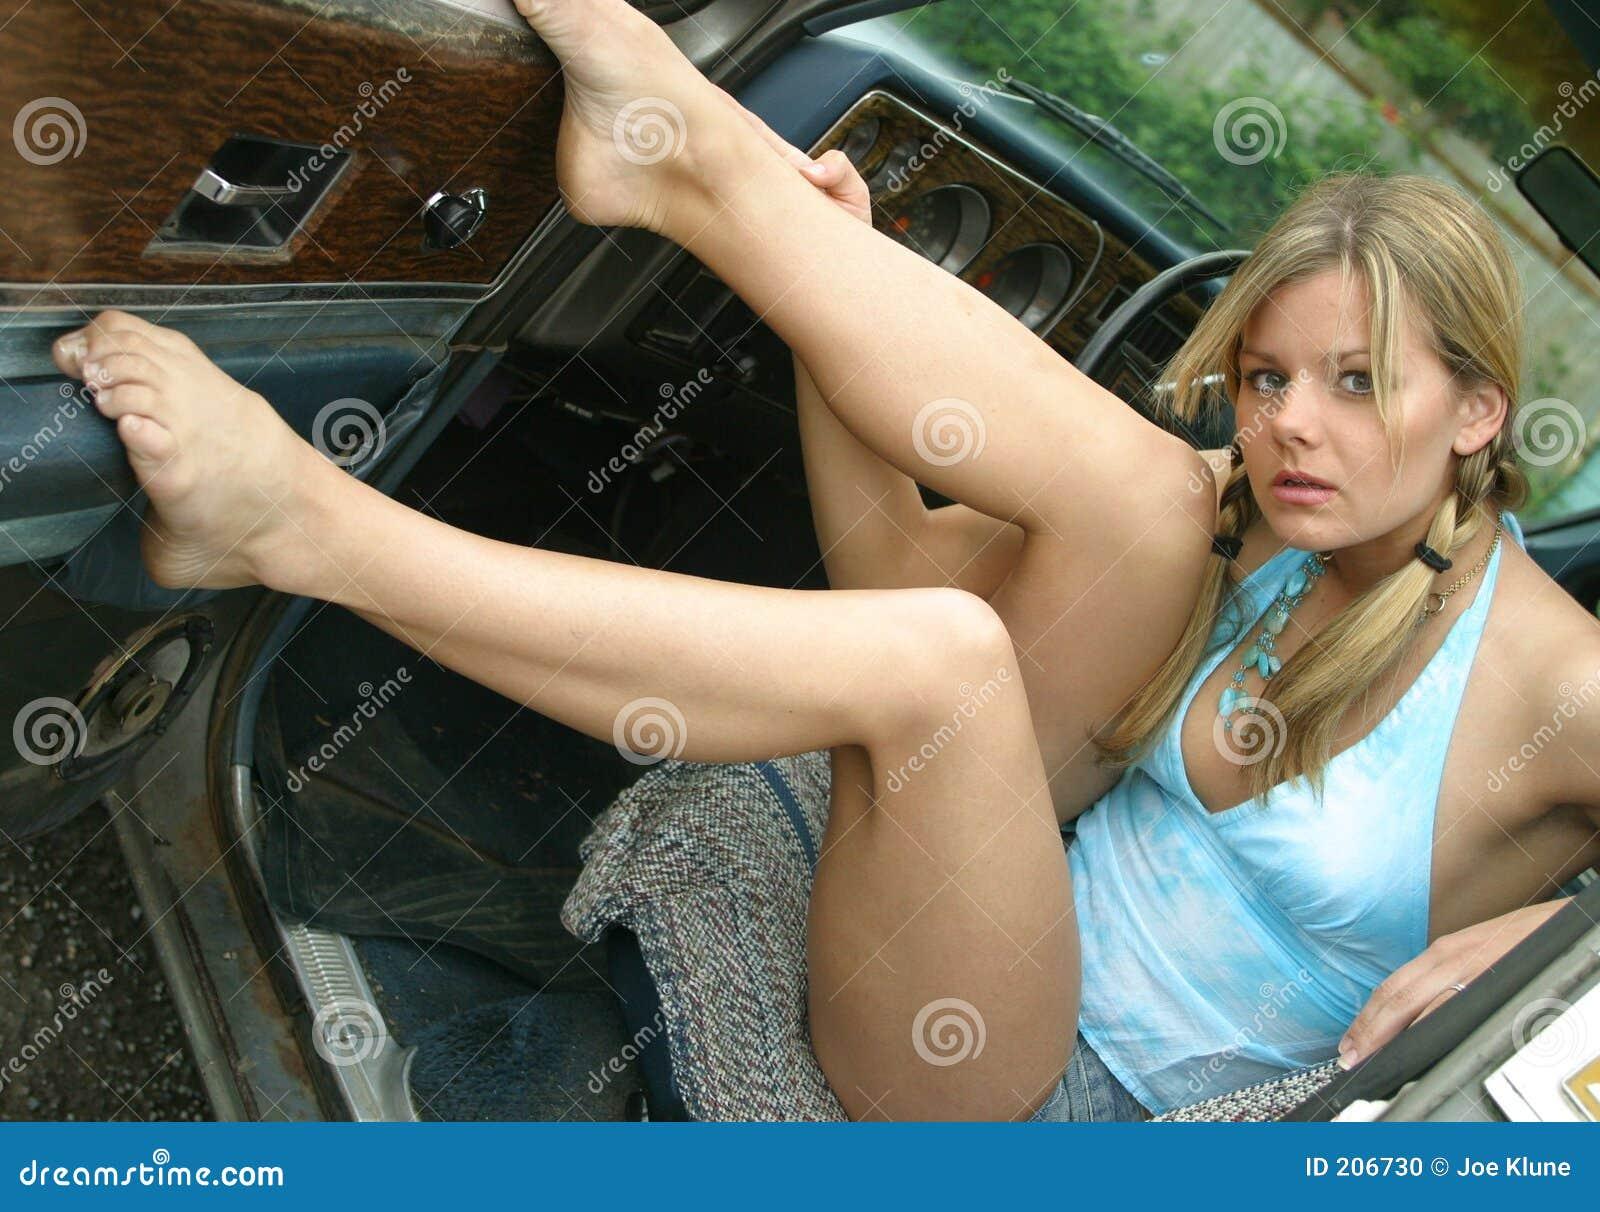 Stort gulligt gal. henne ben av uppvisning